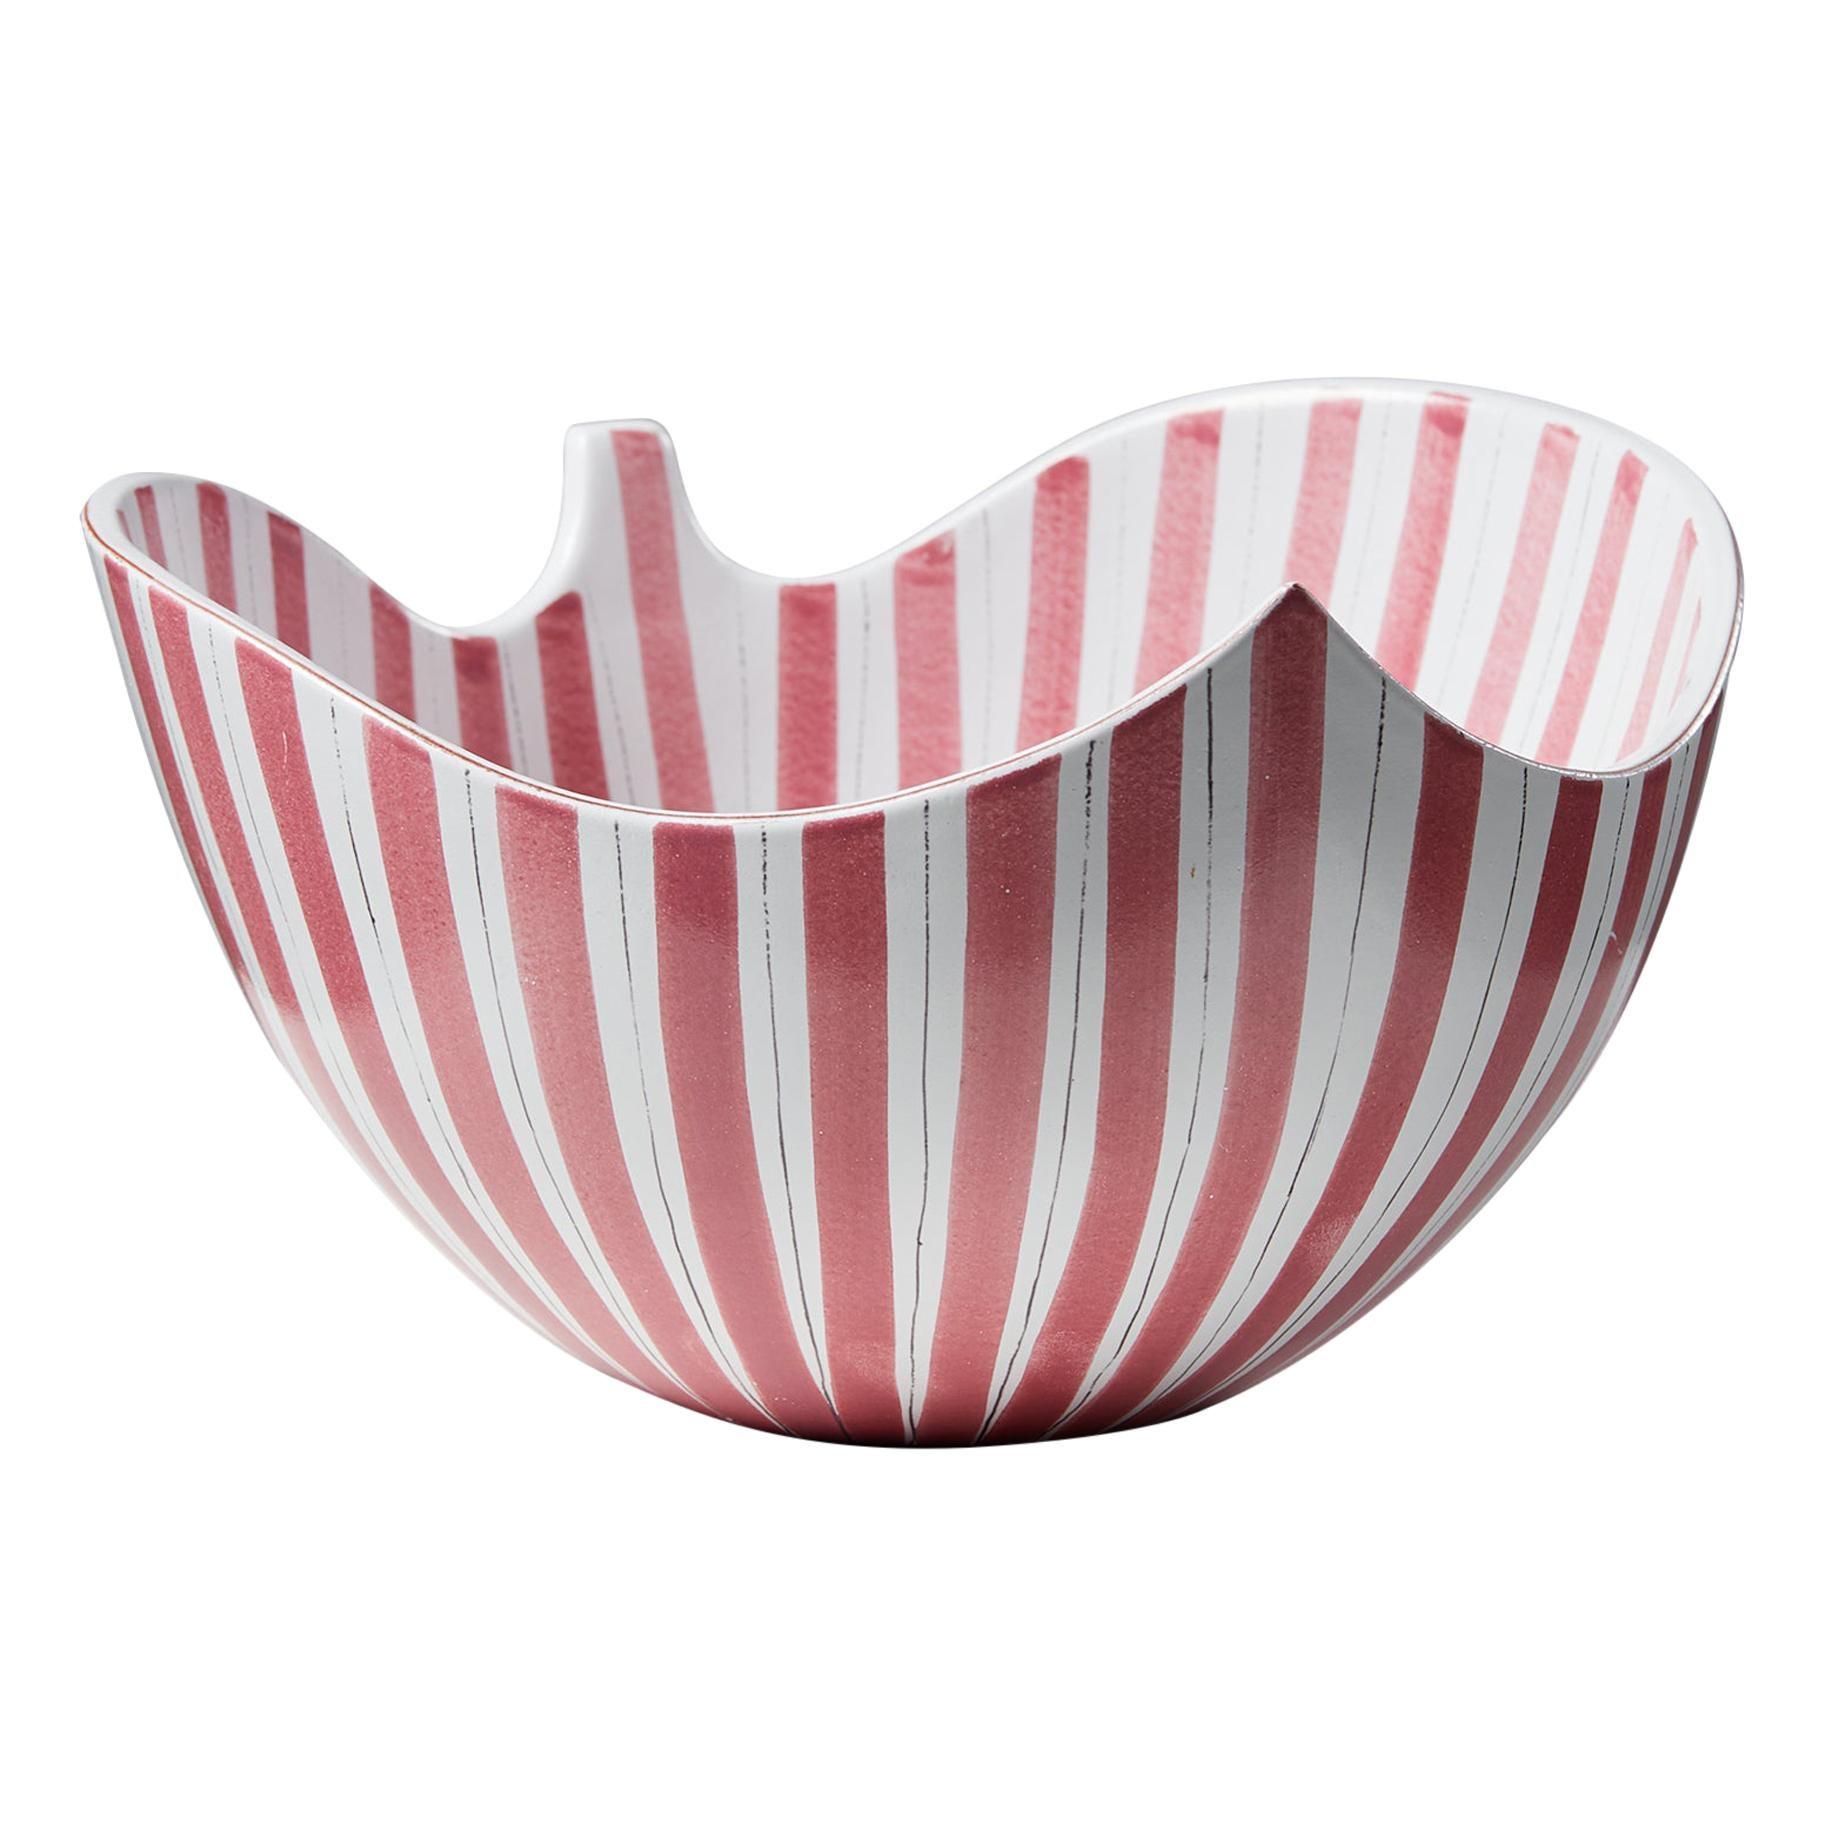 Bowl designed by Stig Lindberg, Sweden, 1950's